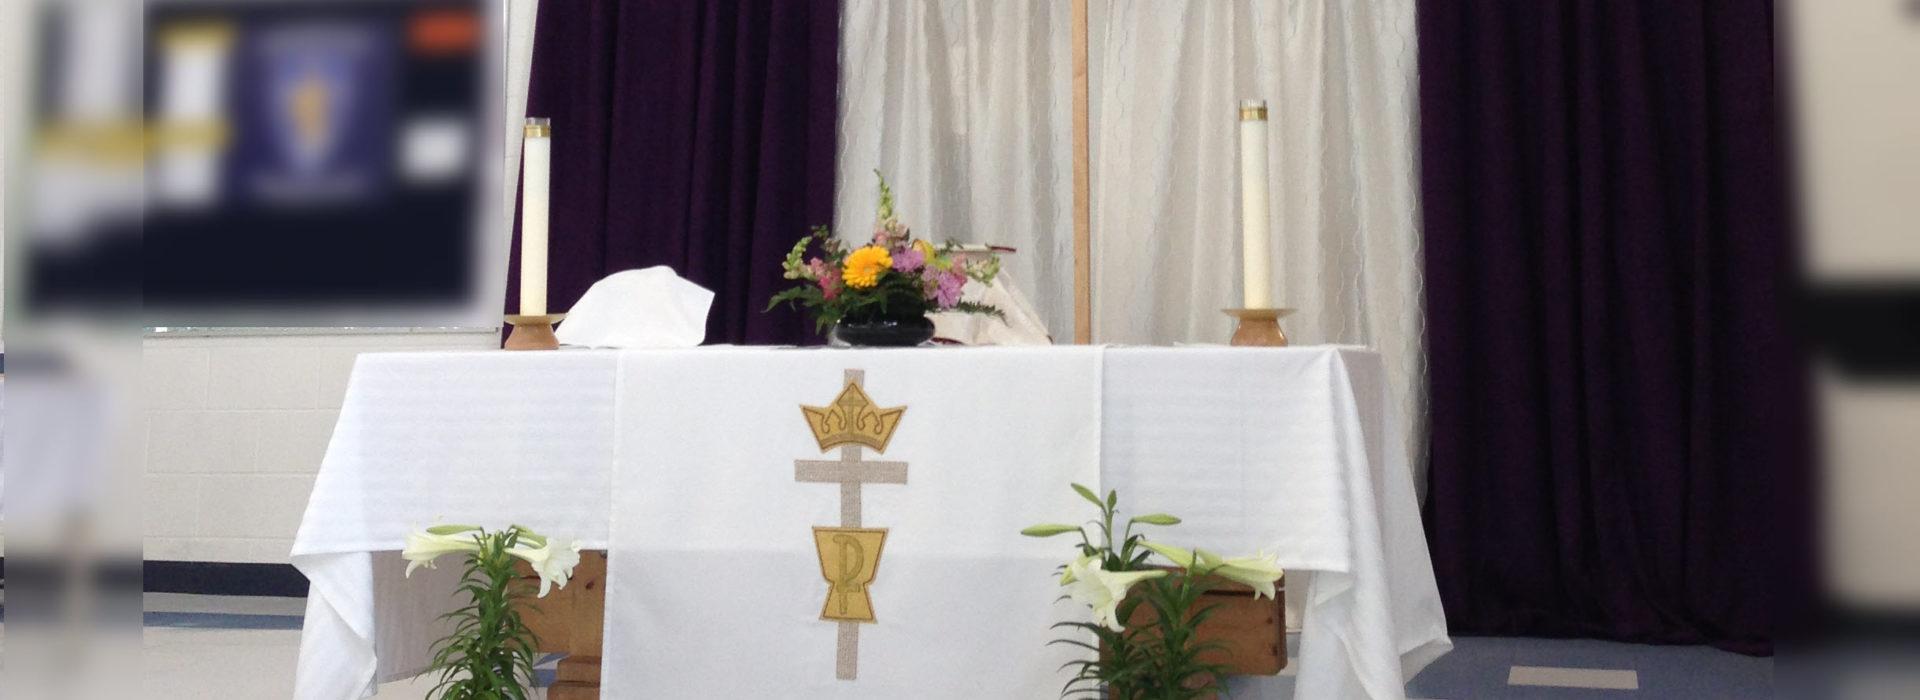 altar ready